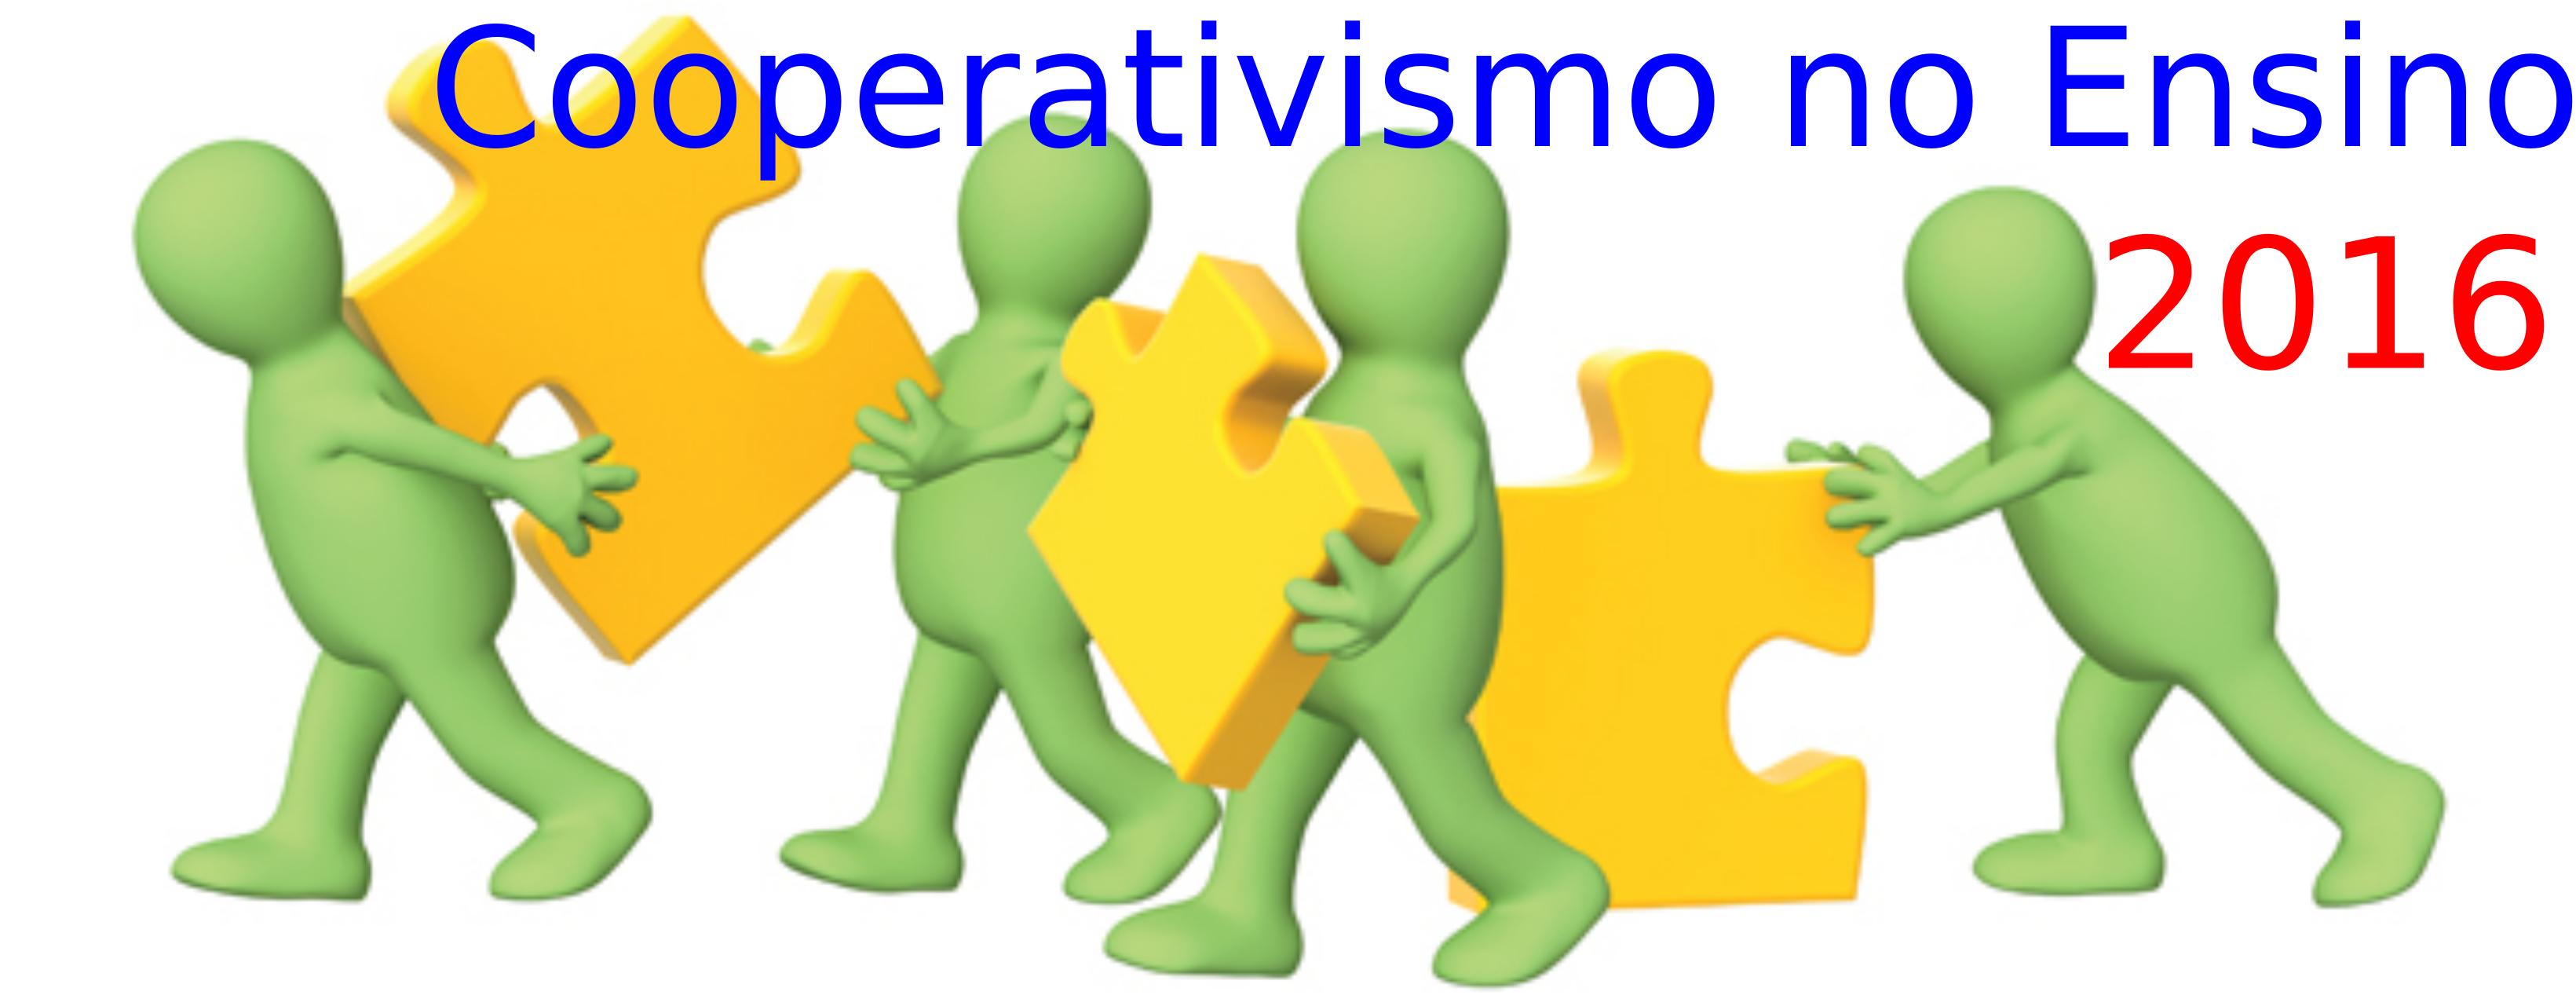 cooperativismonoensino2016